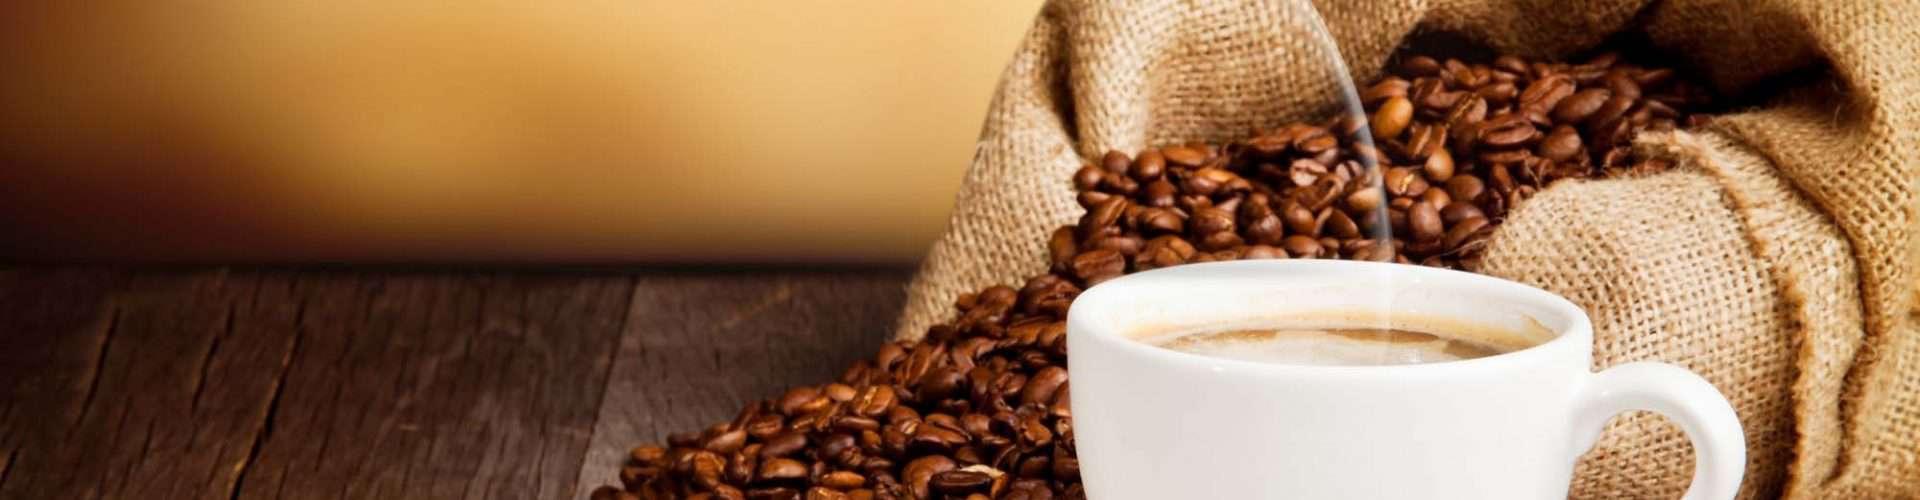 Can Drinking Coffee Make You Sleepy?